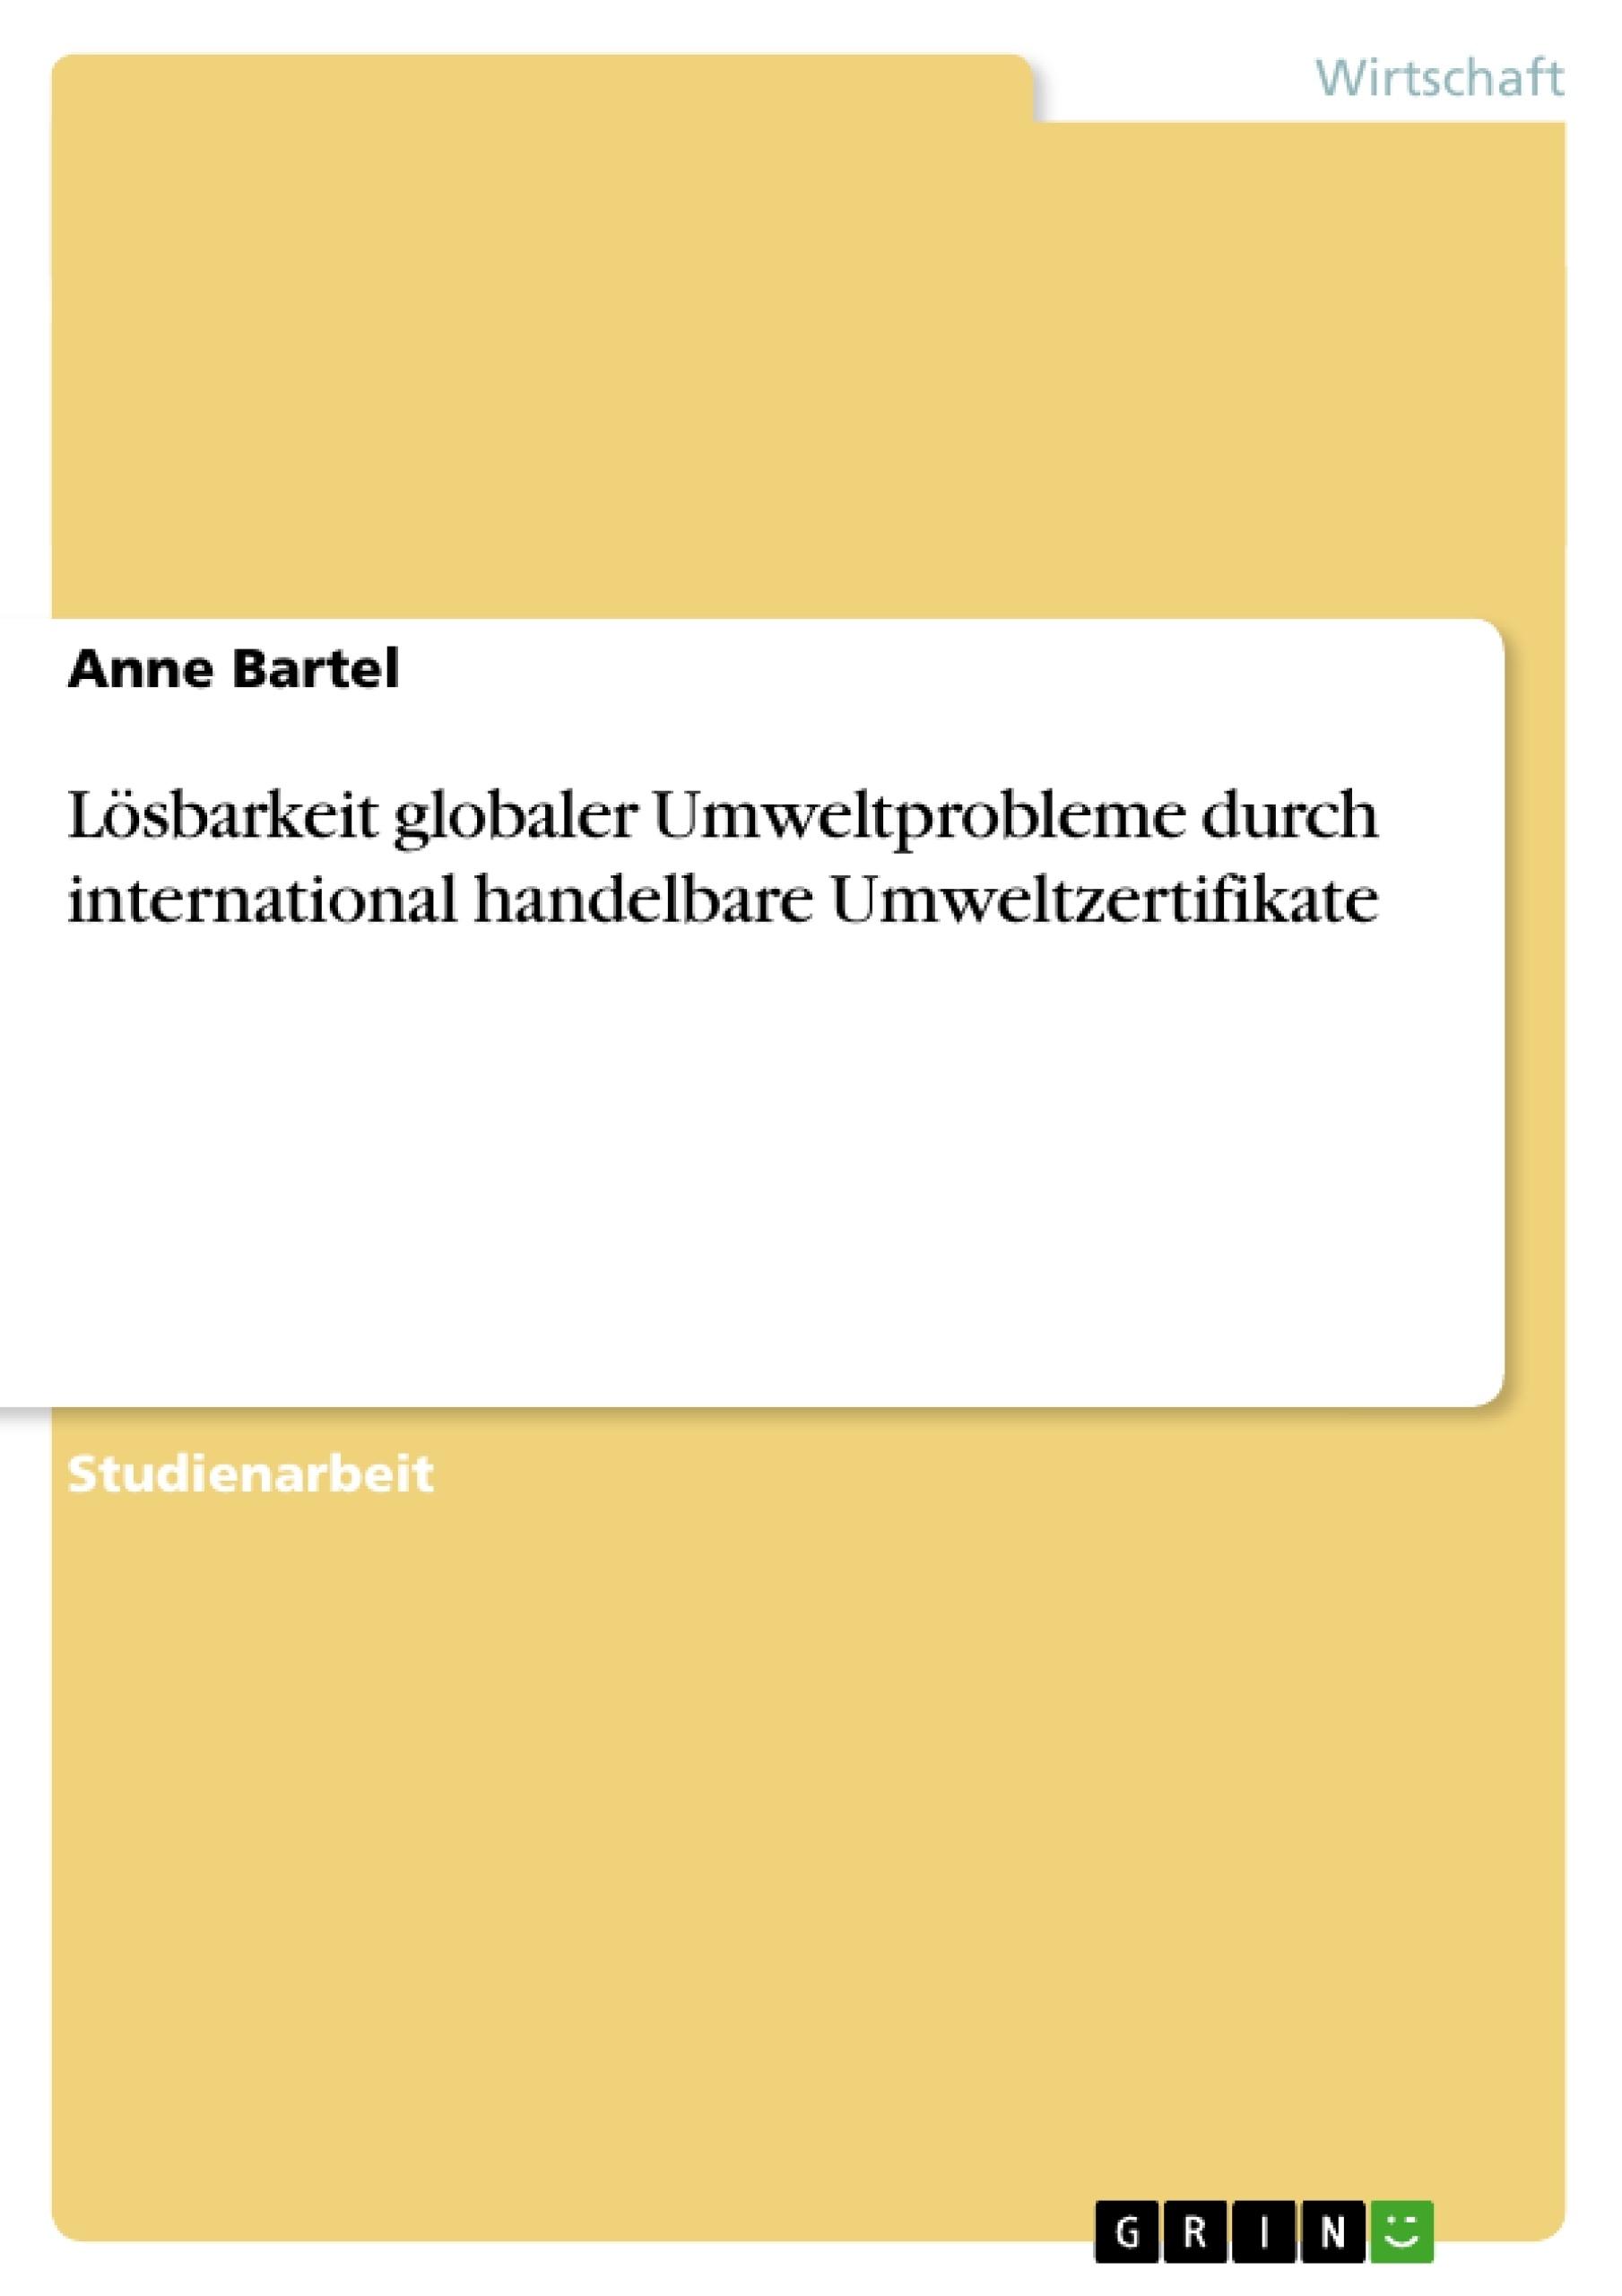 Titel: Lösbarkeit globaler Umweltprobleme durch international handelbare Umweltzertifikate